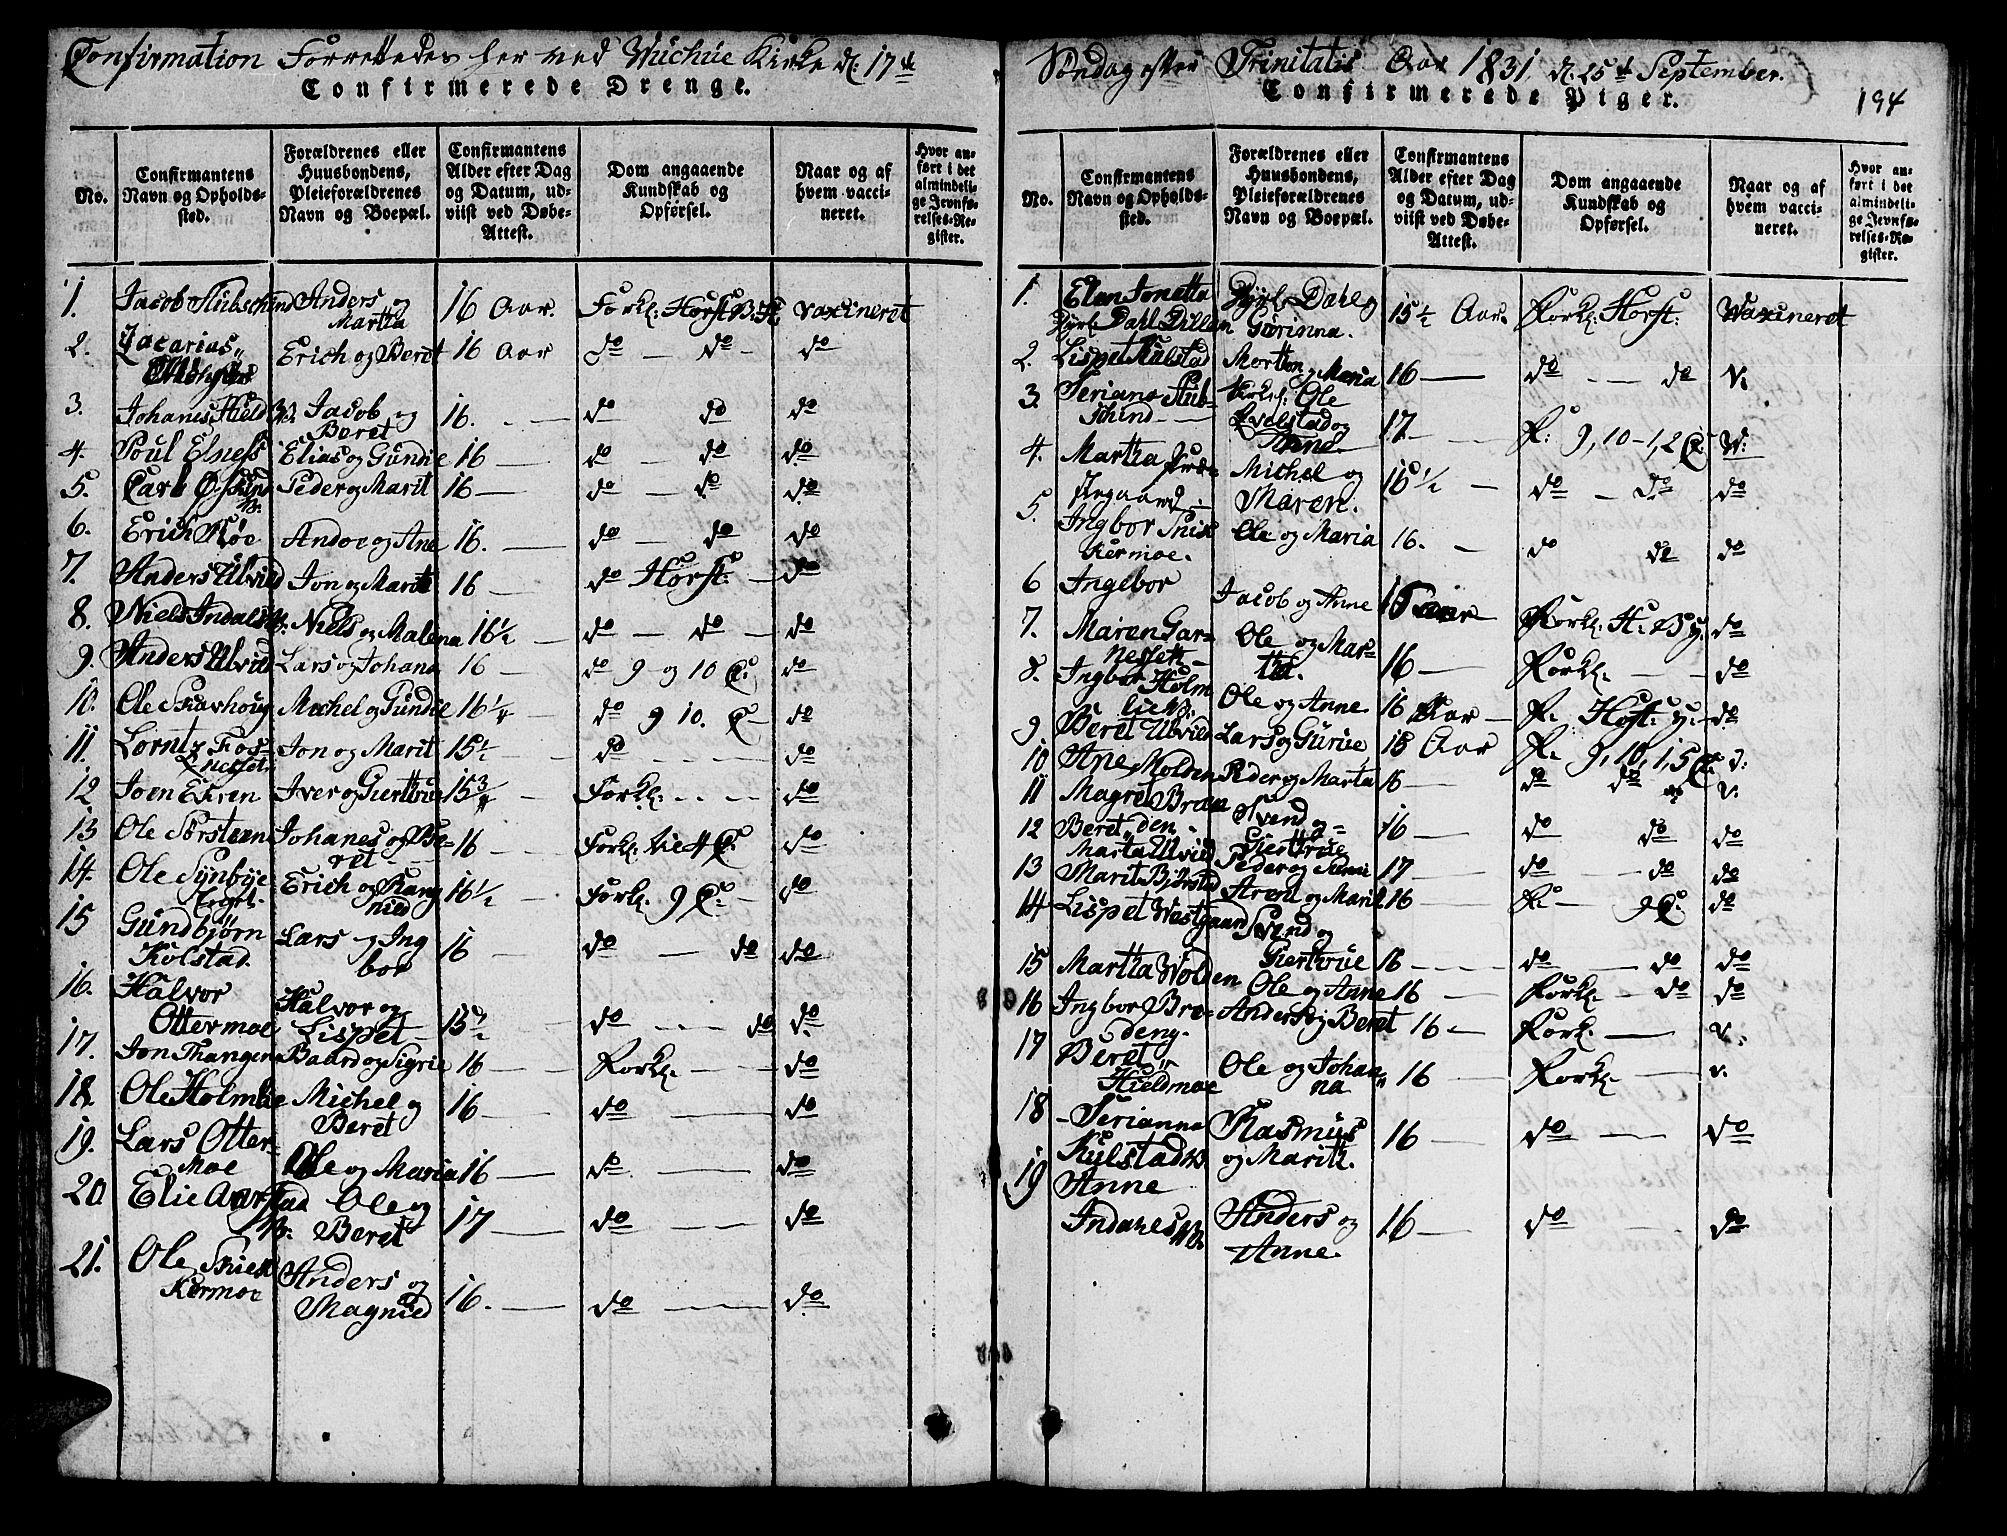 SAT, Ministerialprotokoller, klokkerbøker og fødselsregistre - Nord-Trøndelag, 724/L0265: Klokkerbok nr. 724C01, 1816-1845, s. 194